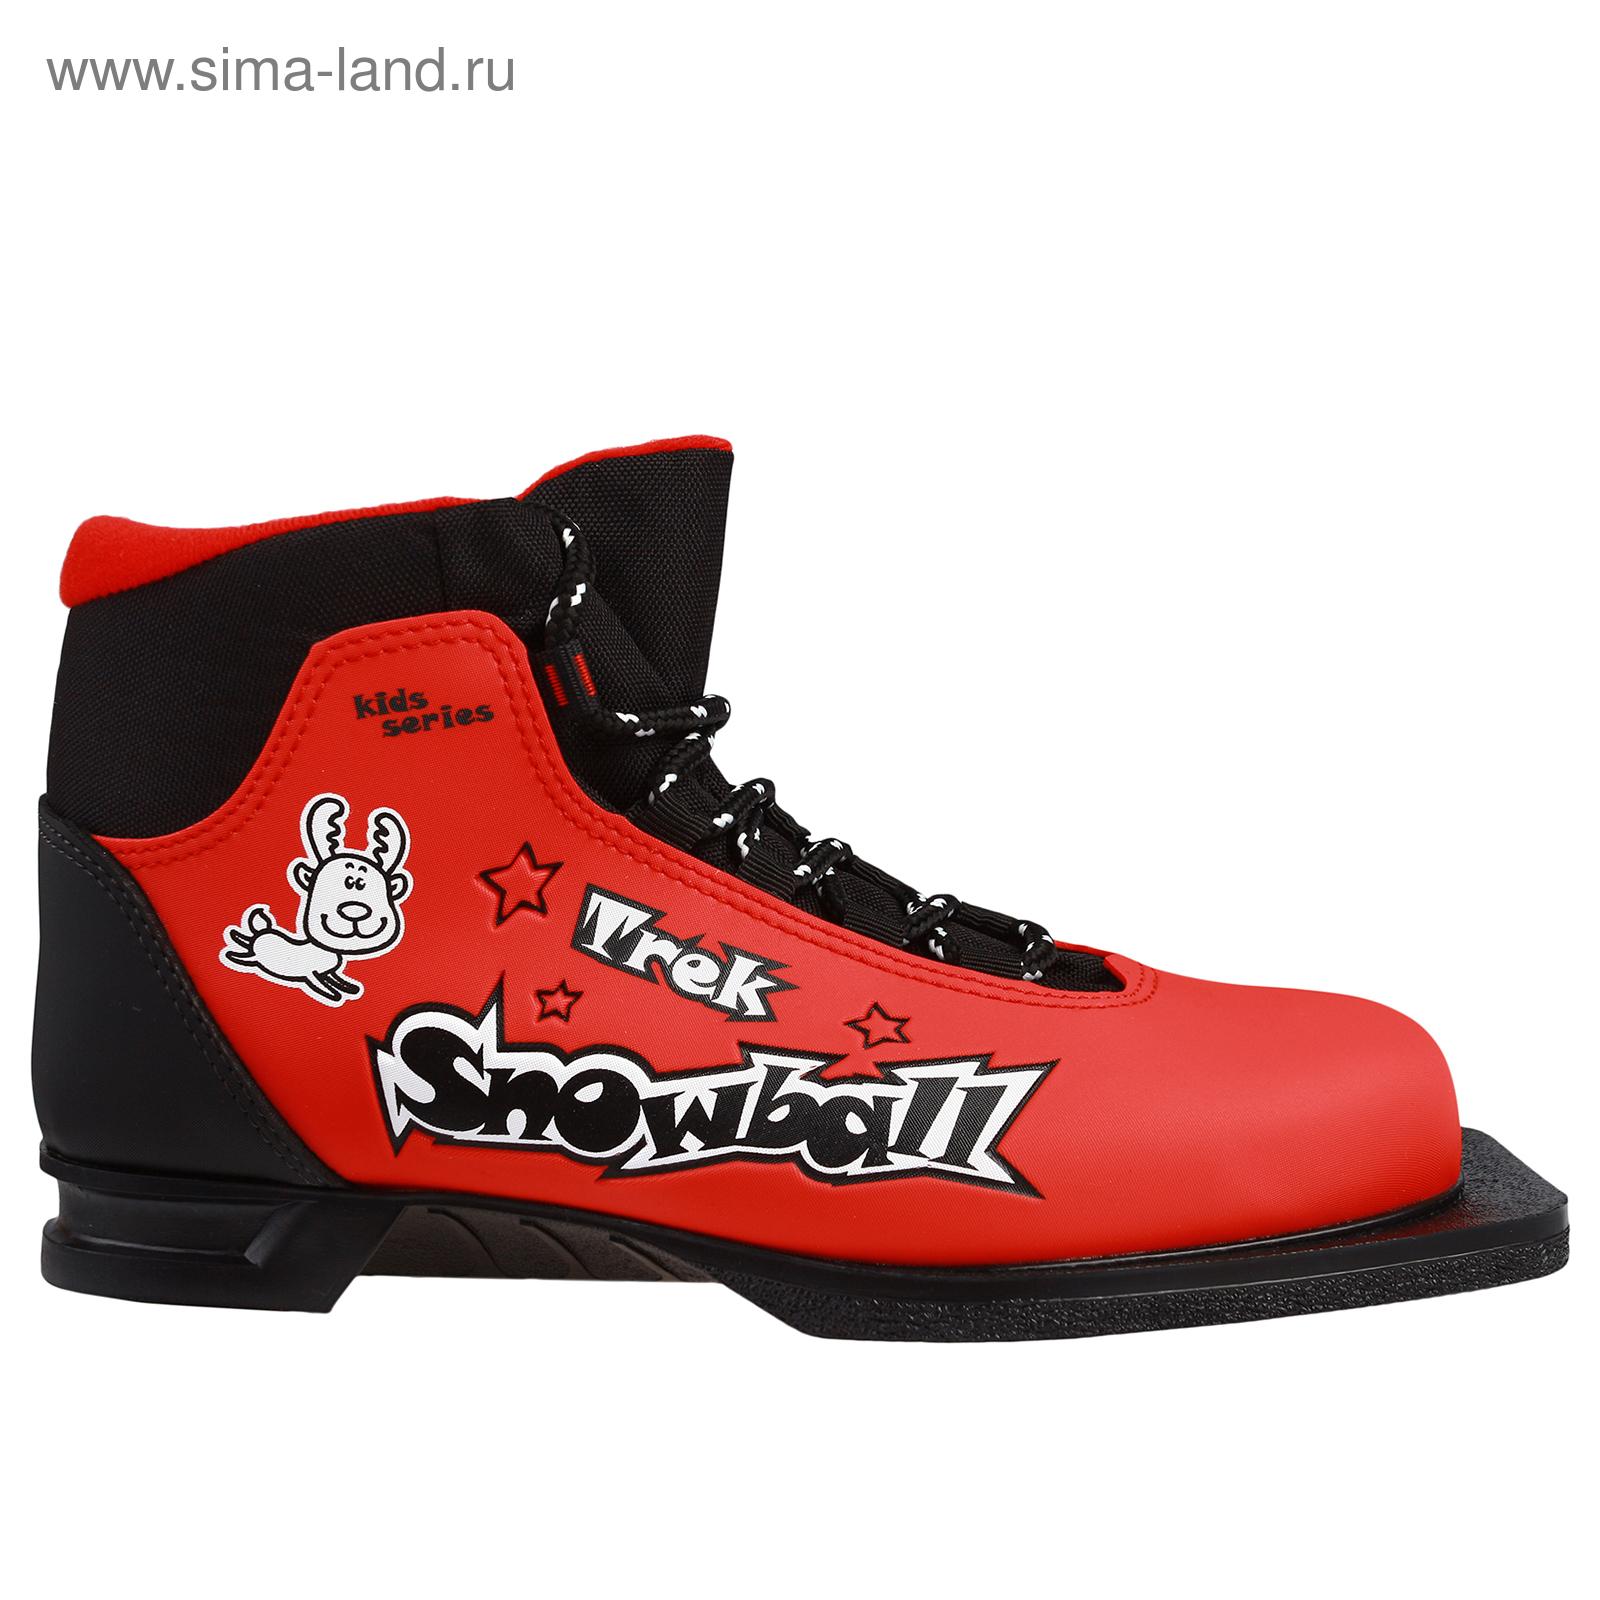 0c9bec9c4a8c Ботинки лыжные TREK Snowball ИК, размер 36, цвет  красный (618966 ...